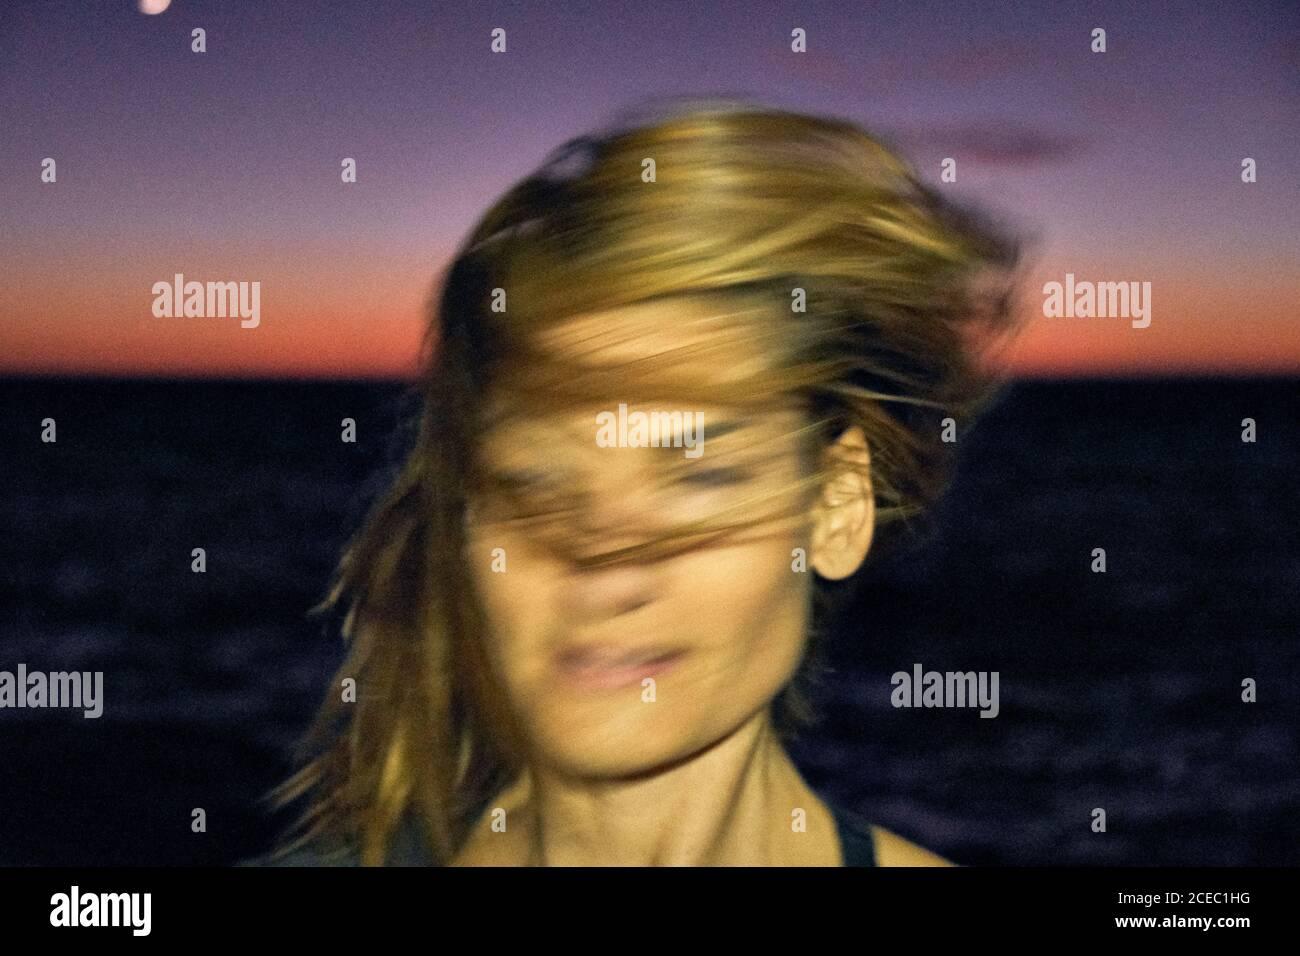 Joven mujer sacudiendo el cabello rubio mientras está de pie contra la noche oscura cielo y mar maravilloso Foto de stock